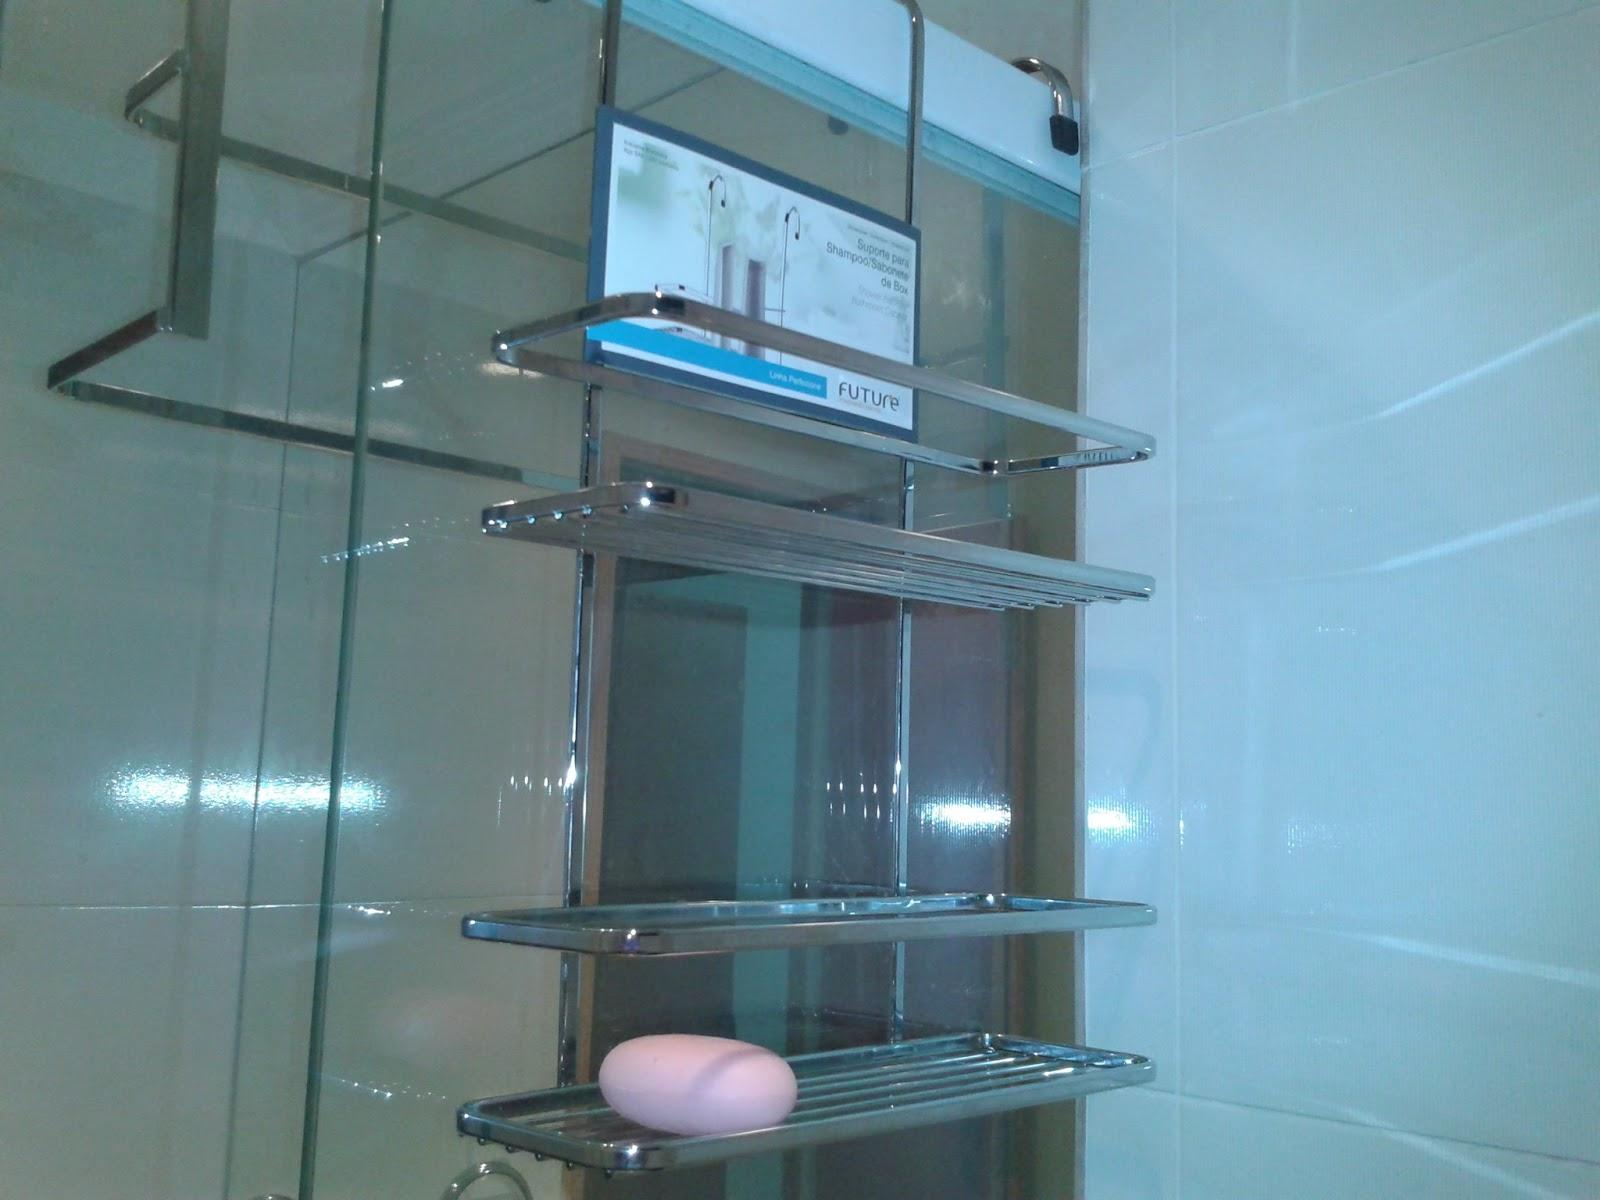 Porta shampoo com um sabonete la pra fazer figuração huauha (mentira  #297EA2 1600x1200 Acessorios Banheiro Leroy